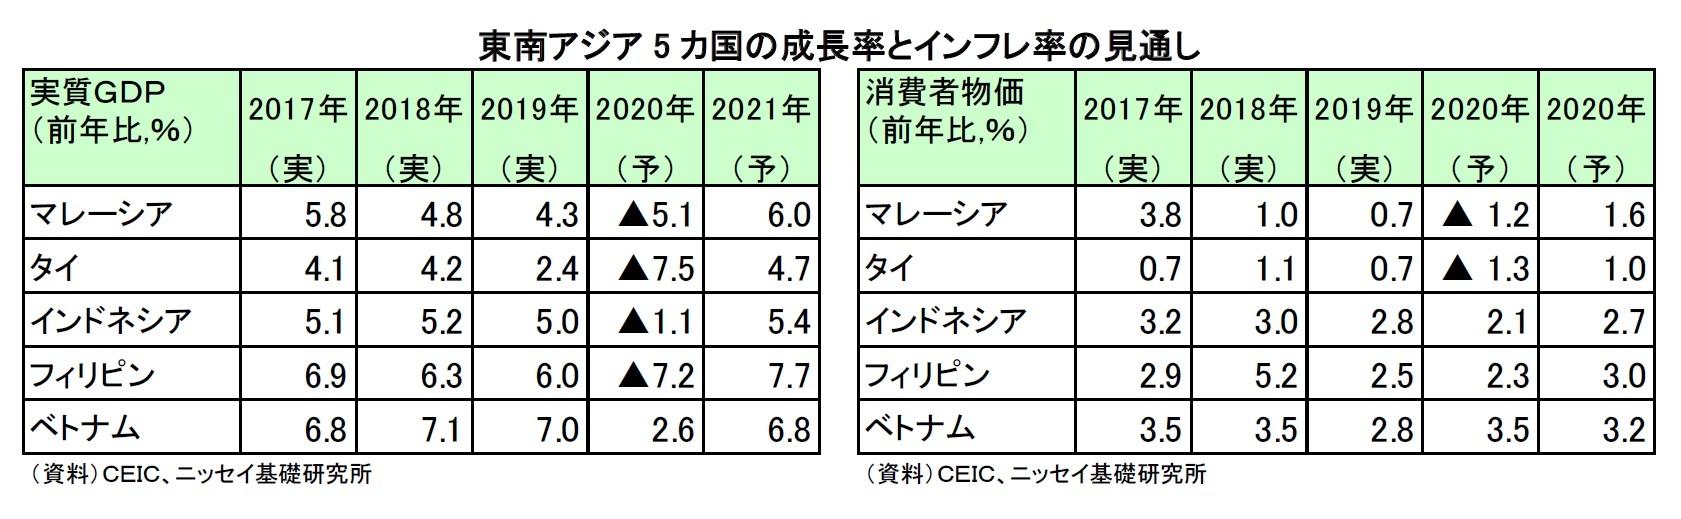 東南アジア5 カ国の成長率とインフレ率の見通し